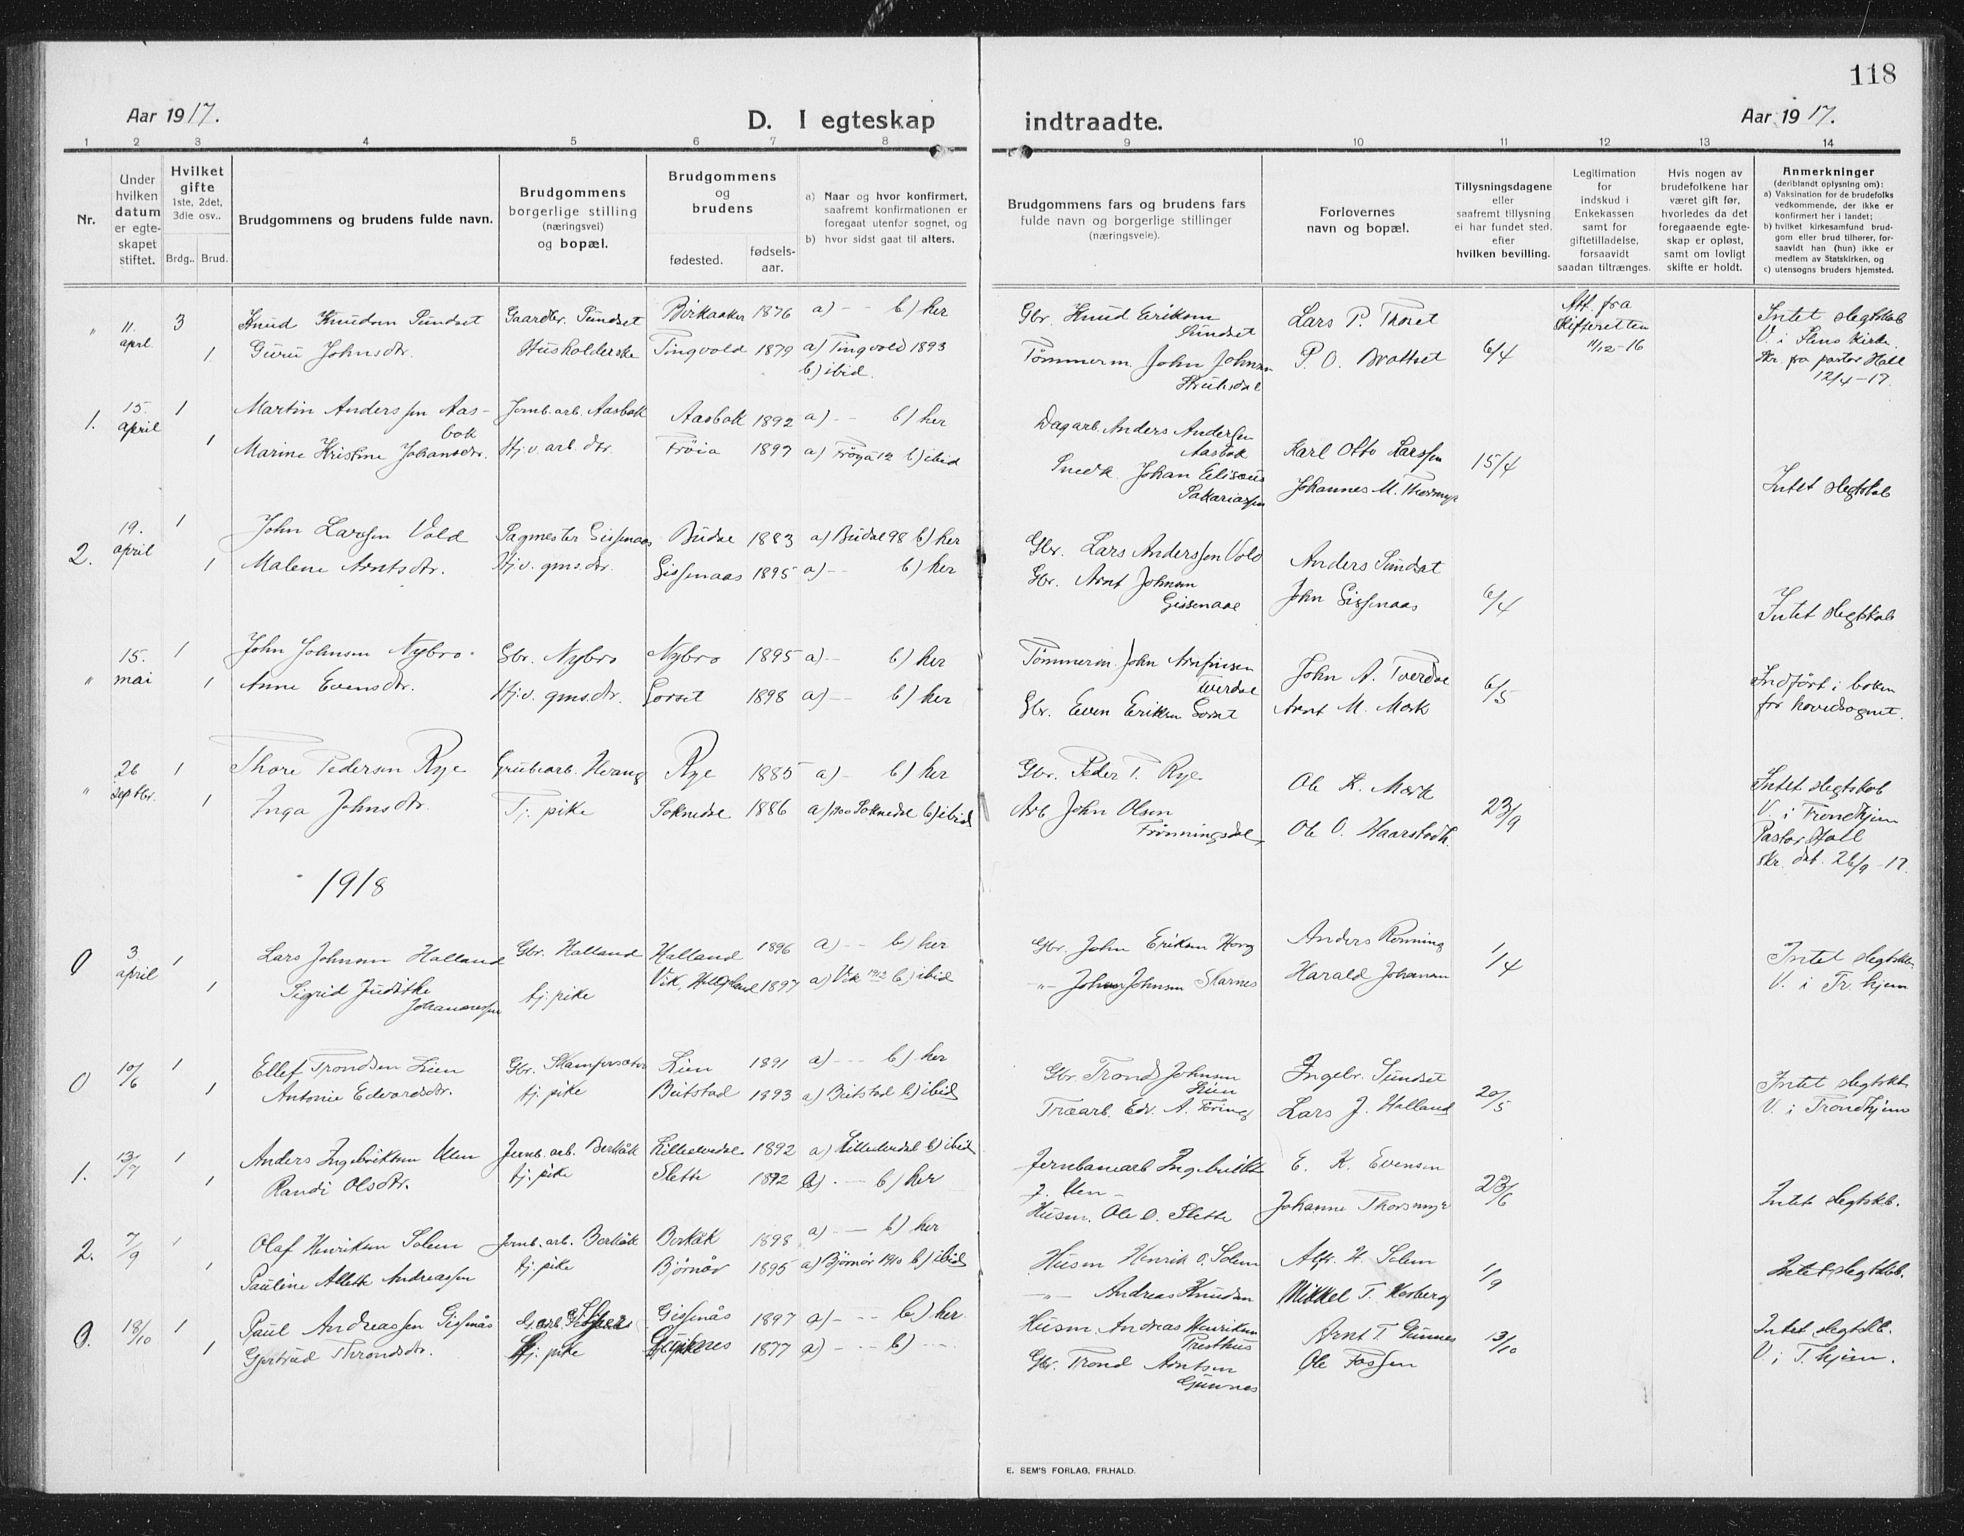 SAT, Ministerialprotokoller, klokkerbøker og fødselsregistre - Sør-Trøndelag, 675/L0888: Klokkerbok nr. 675C01, 1913-1935, s. 118